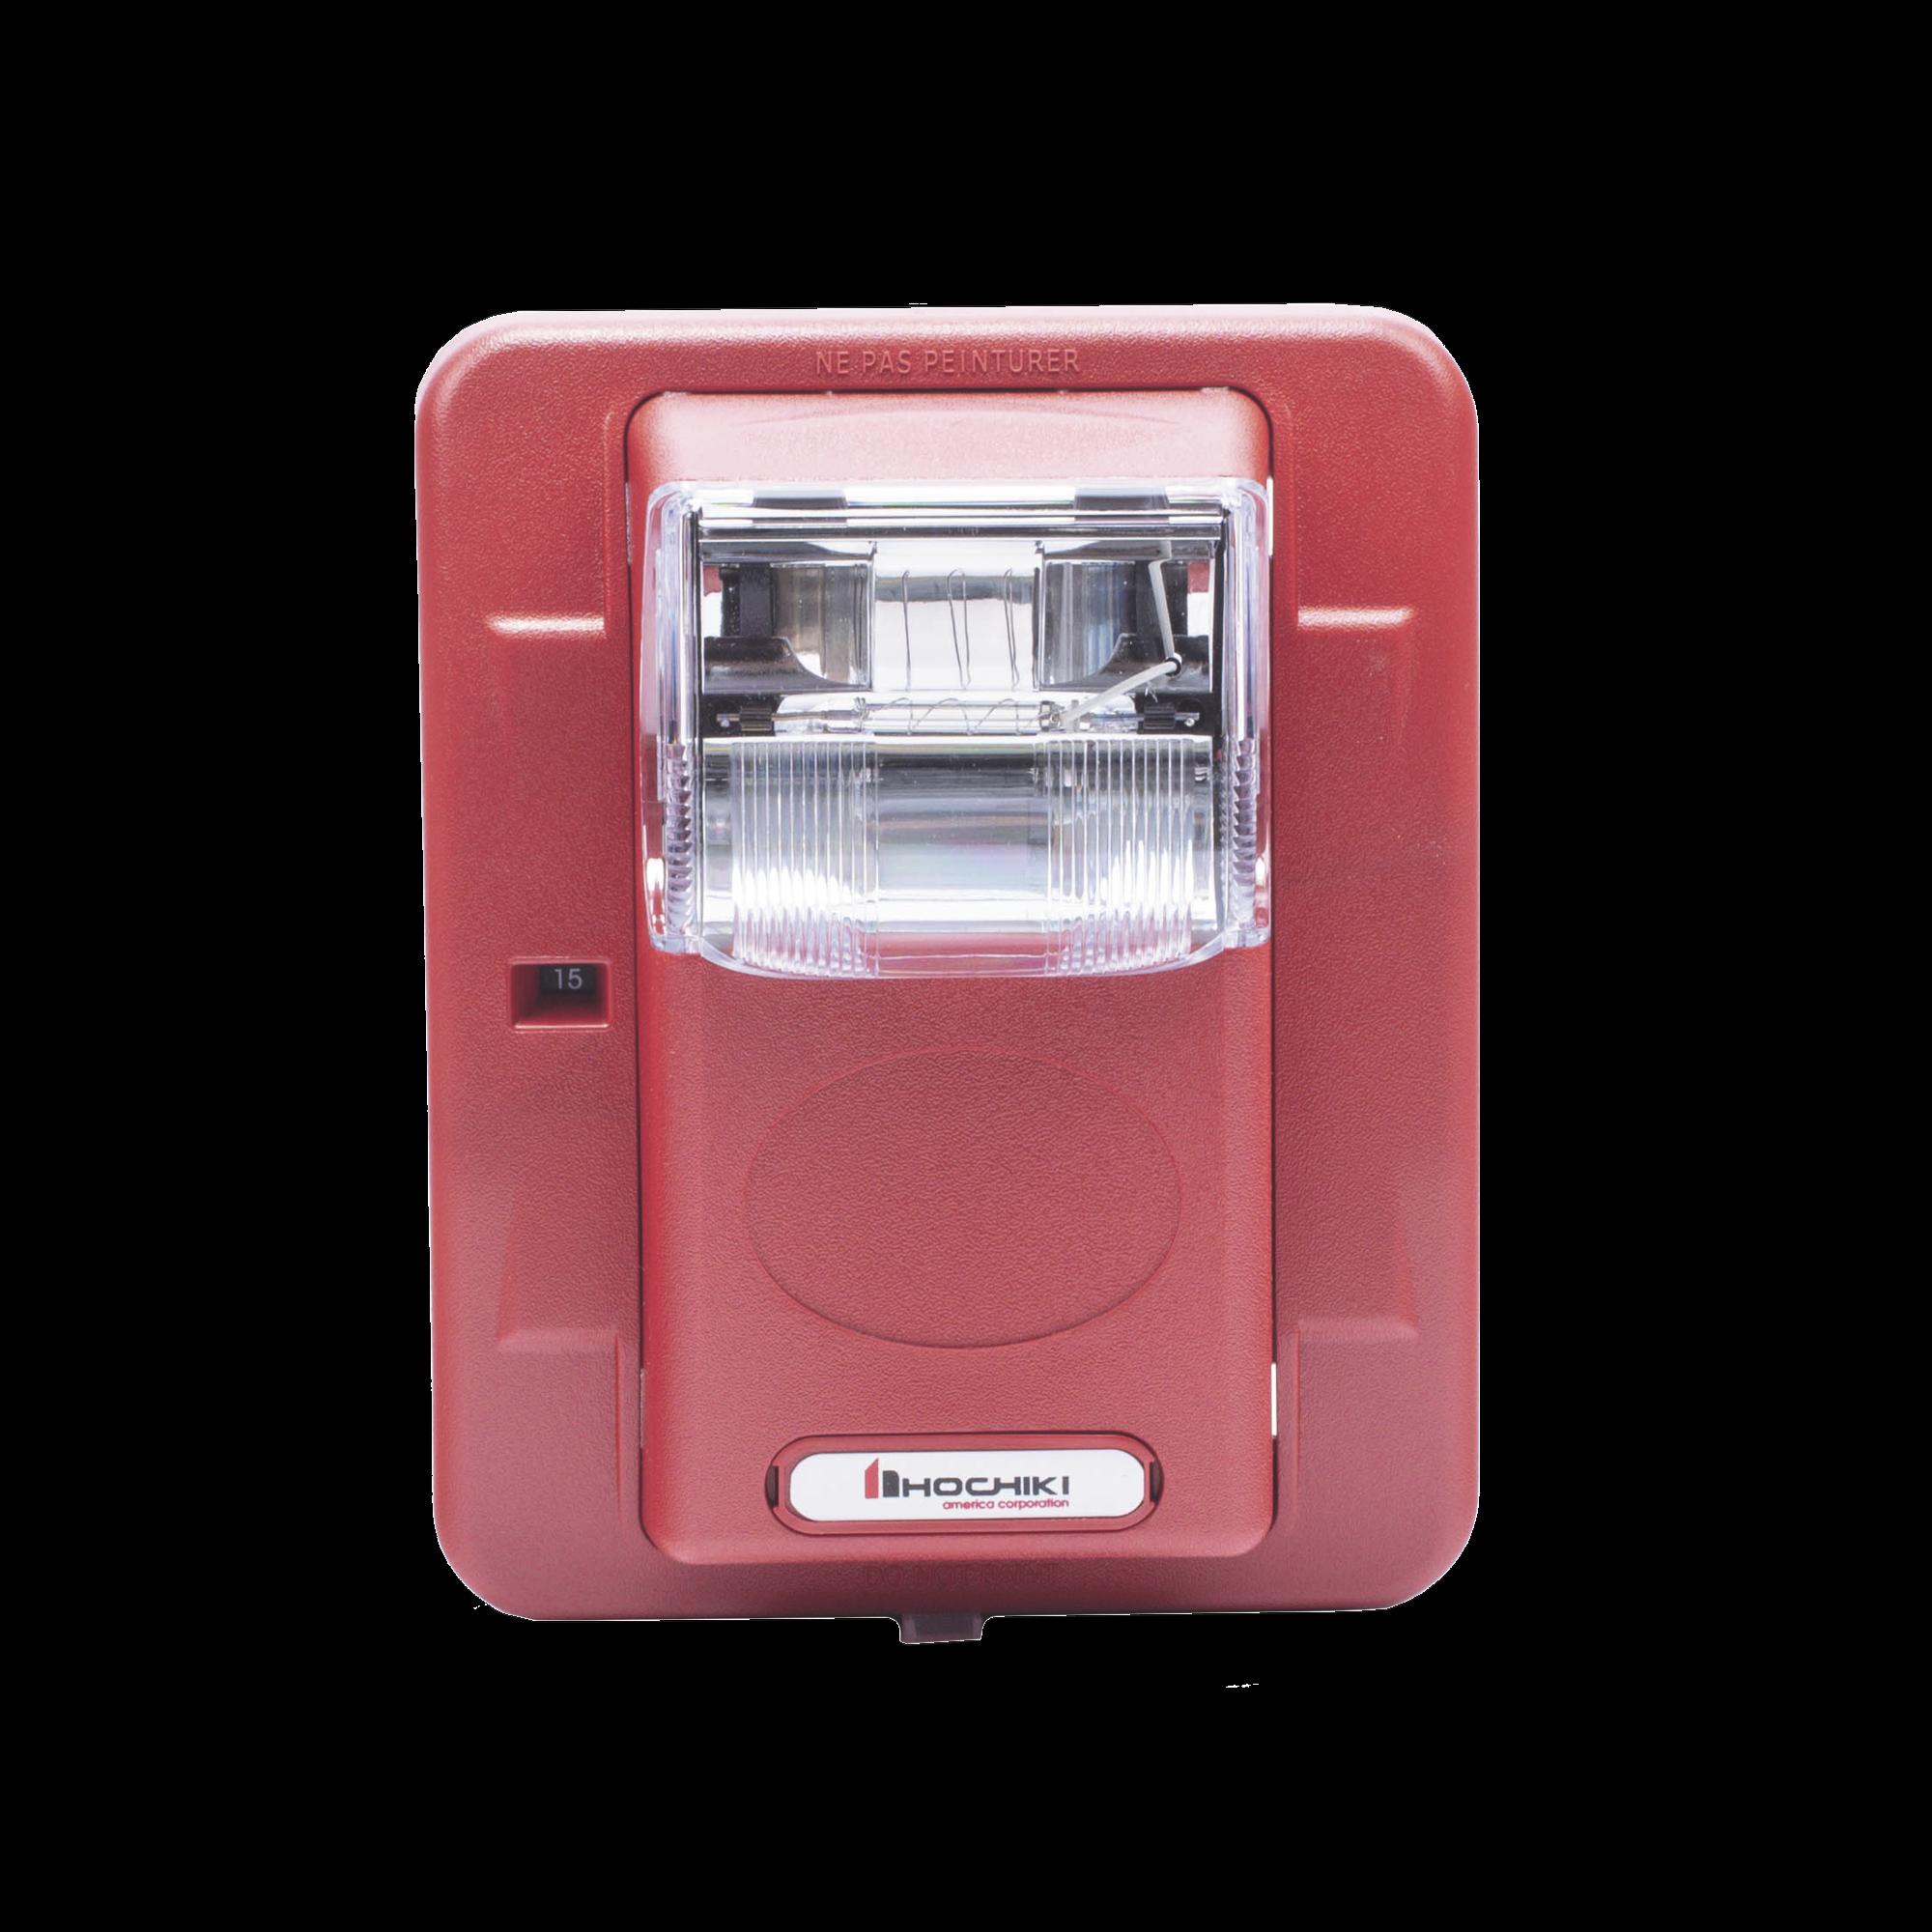 Lámpara Estroboscópica de Montaje en Pared, 24 Vcd, 15/30/60/75/110 Candelas, sin Letras, Color Rojo